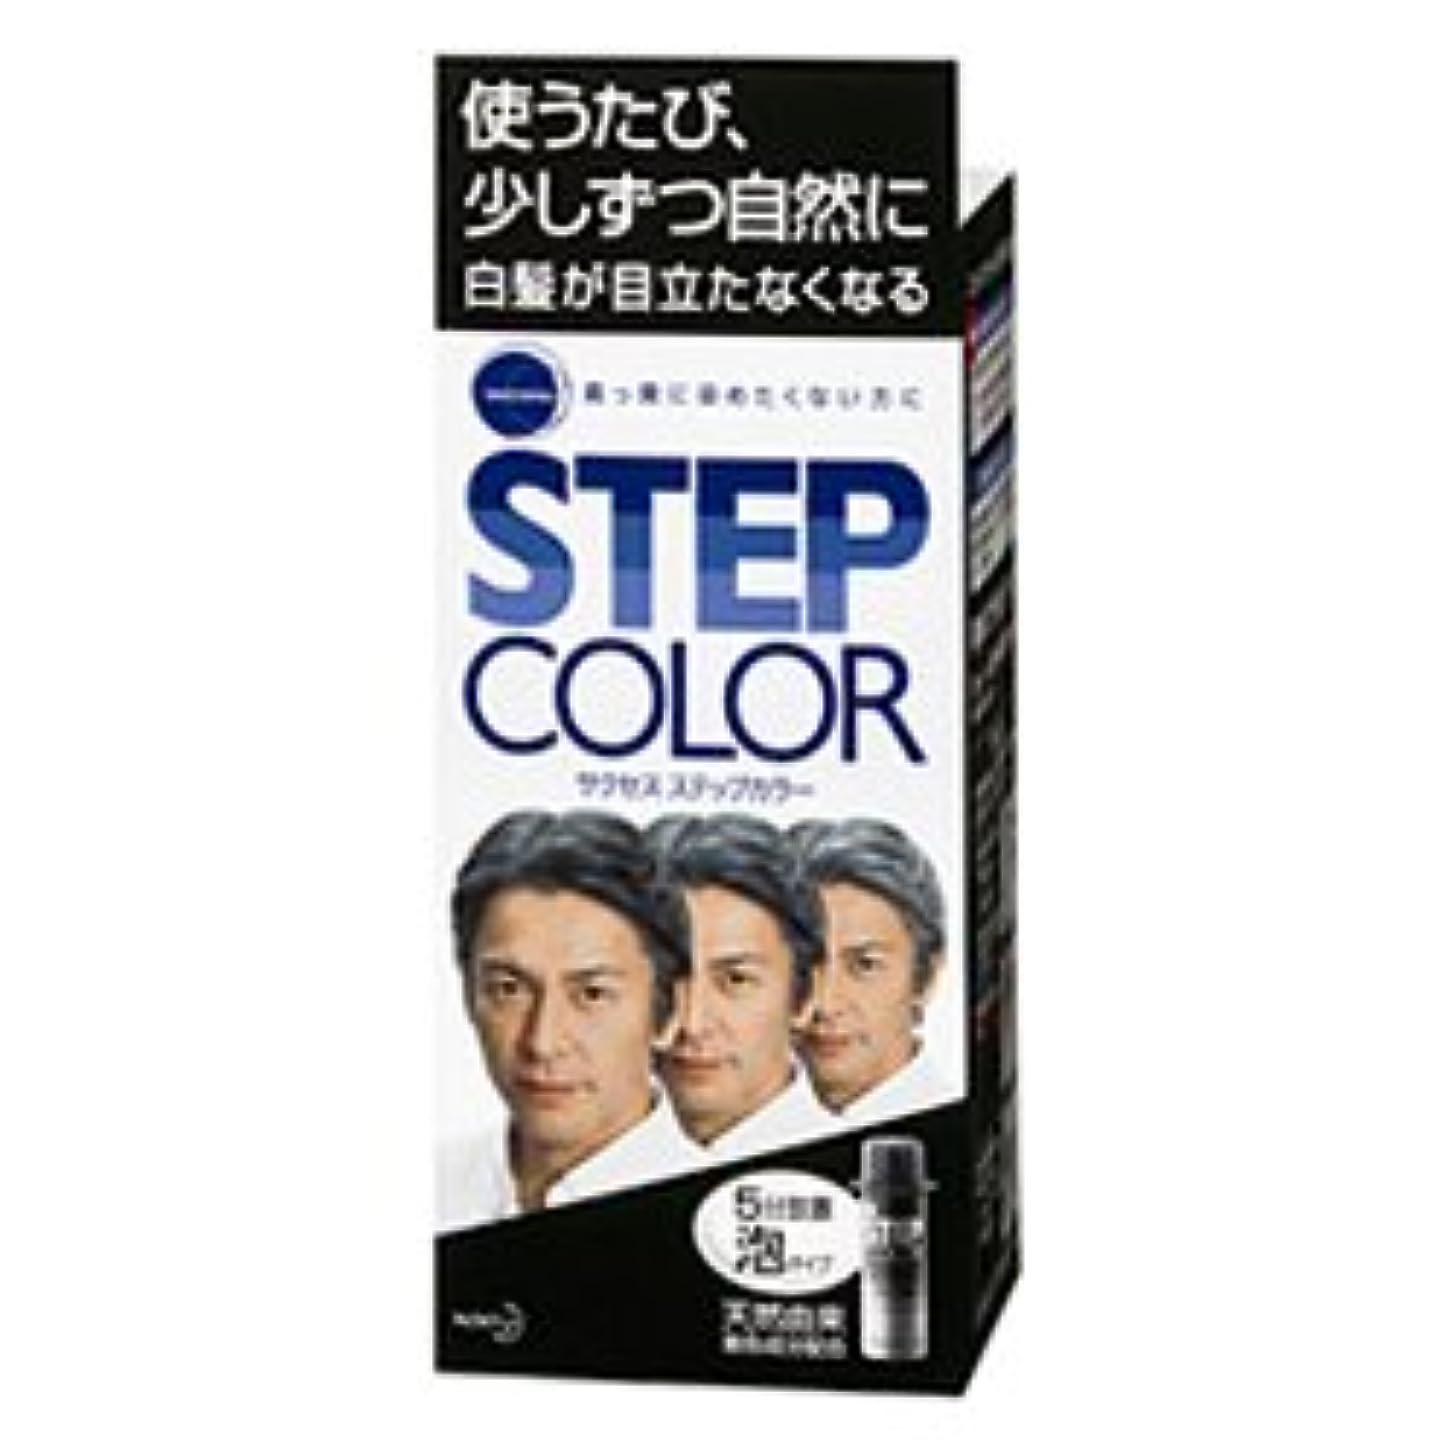 不器用再びフェローシップ【花王】サクセスステップカラー 110g ×20個セット